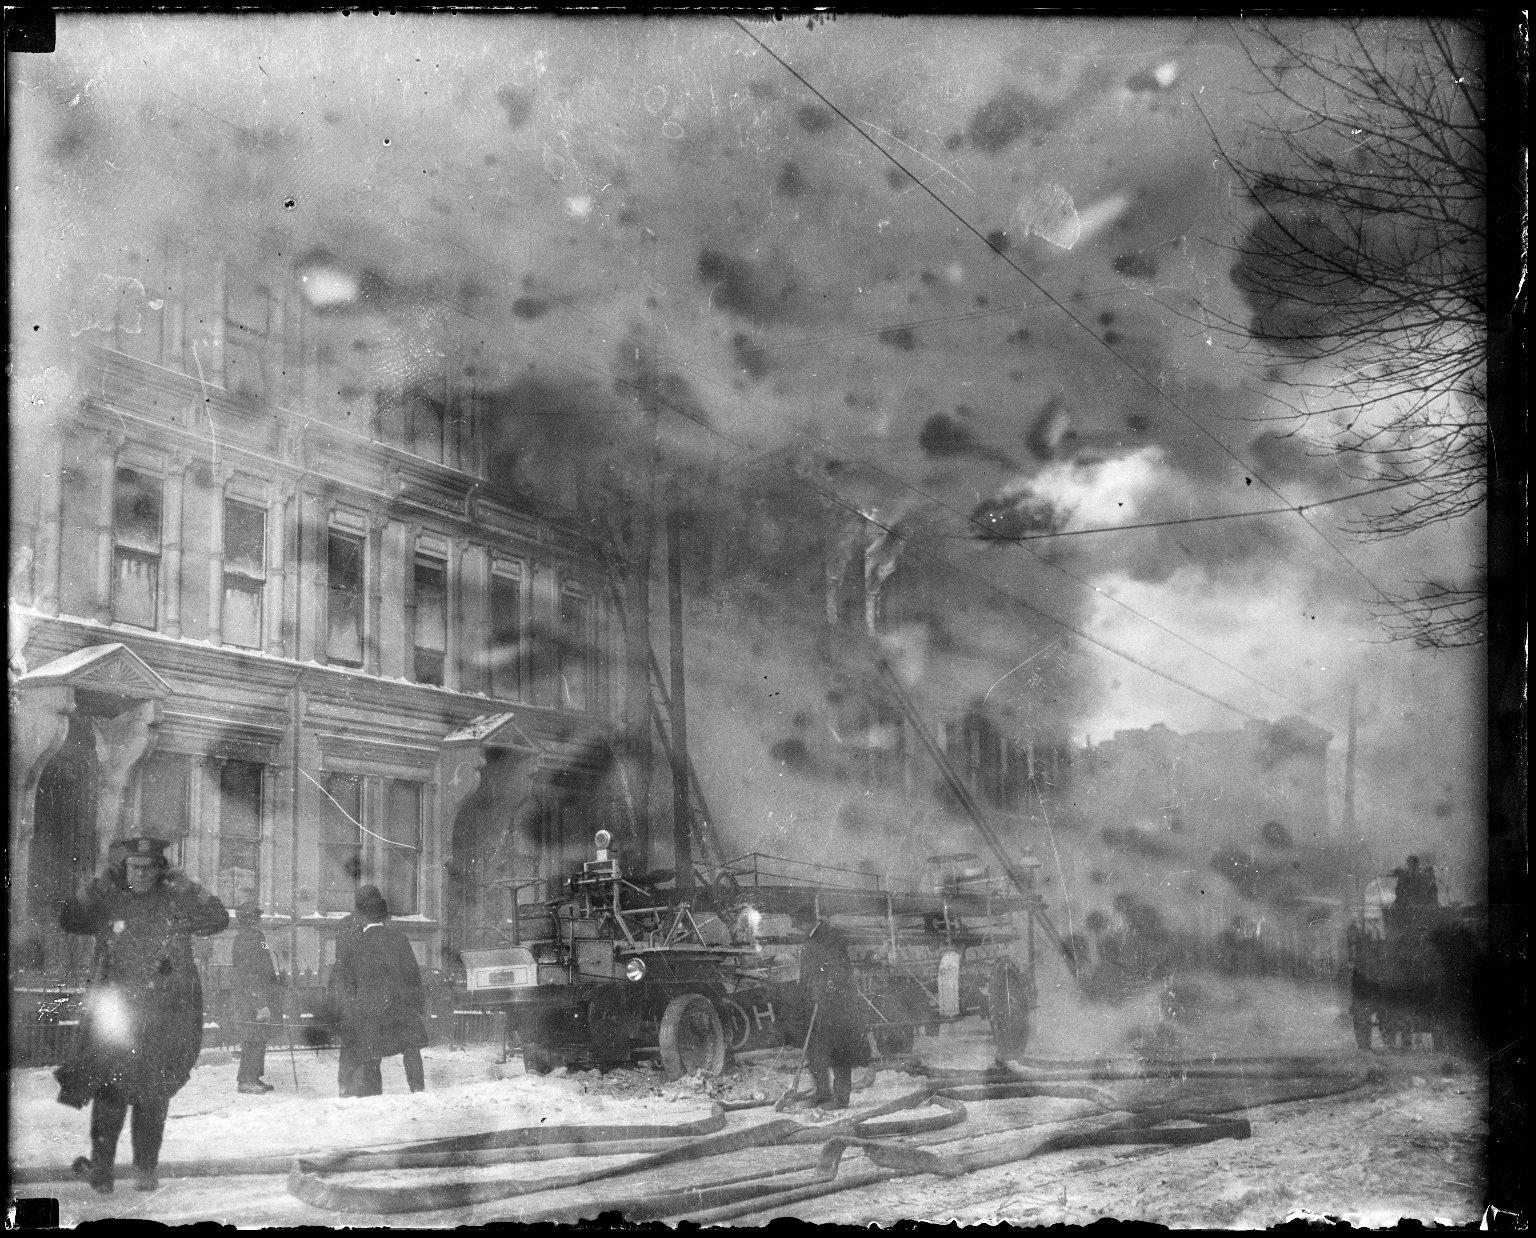 Использование водяной башни и автолестниц на пожаре. Нью-Йорк, США. Начало 20 века